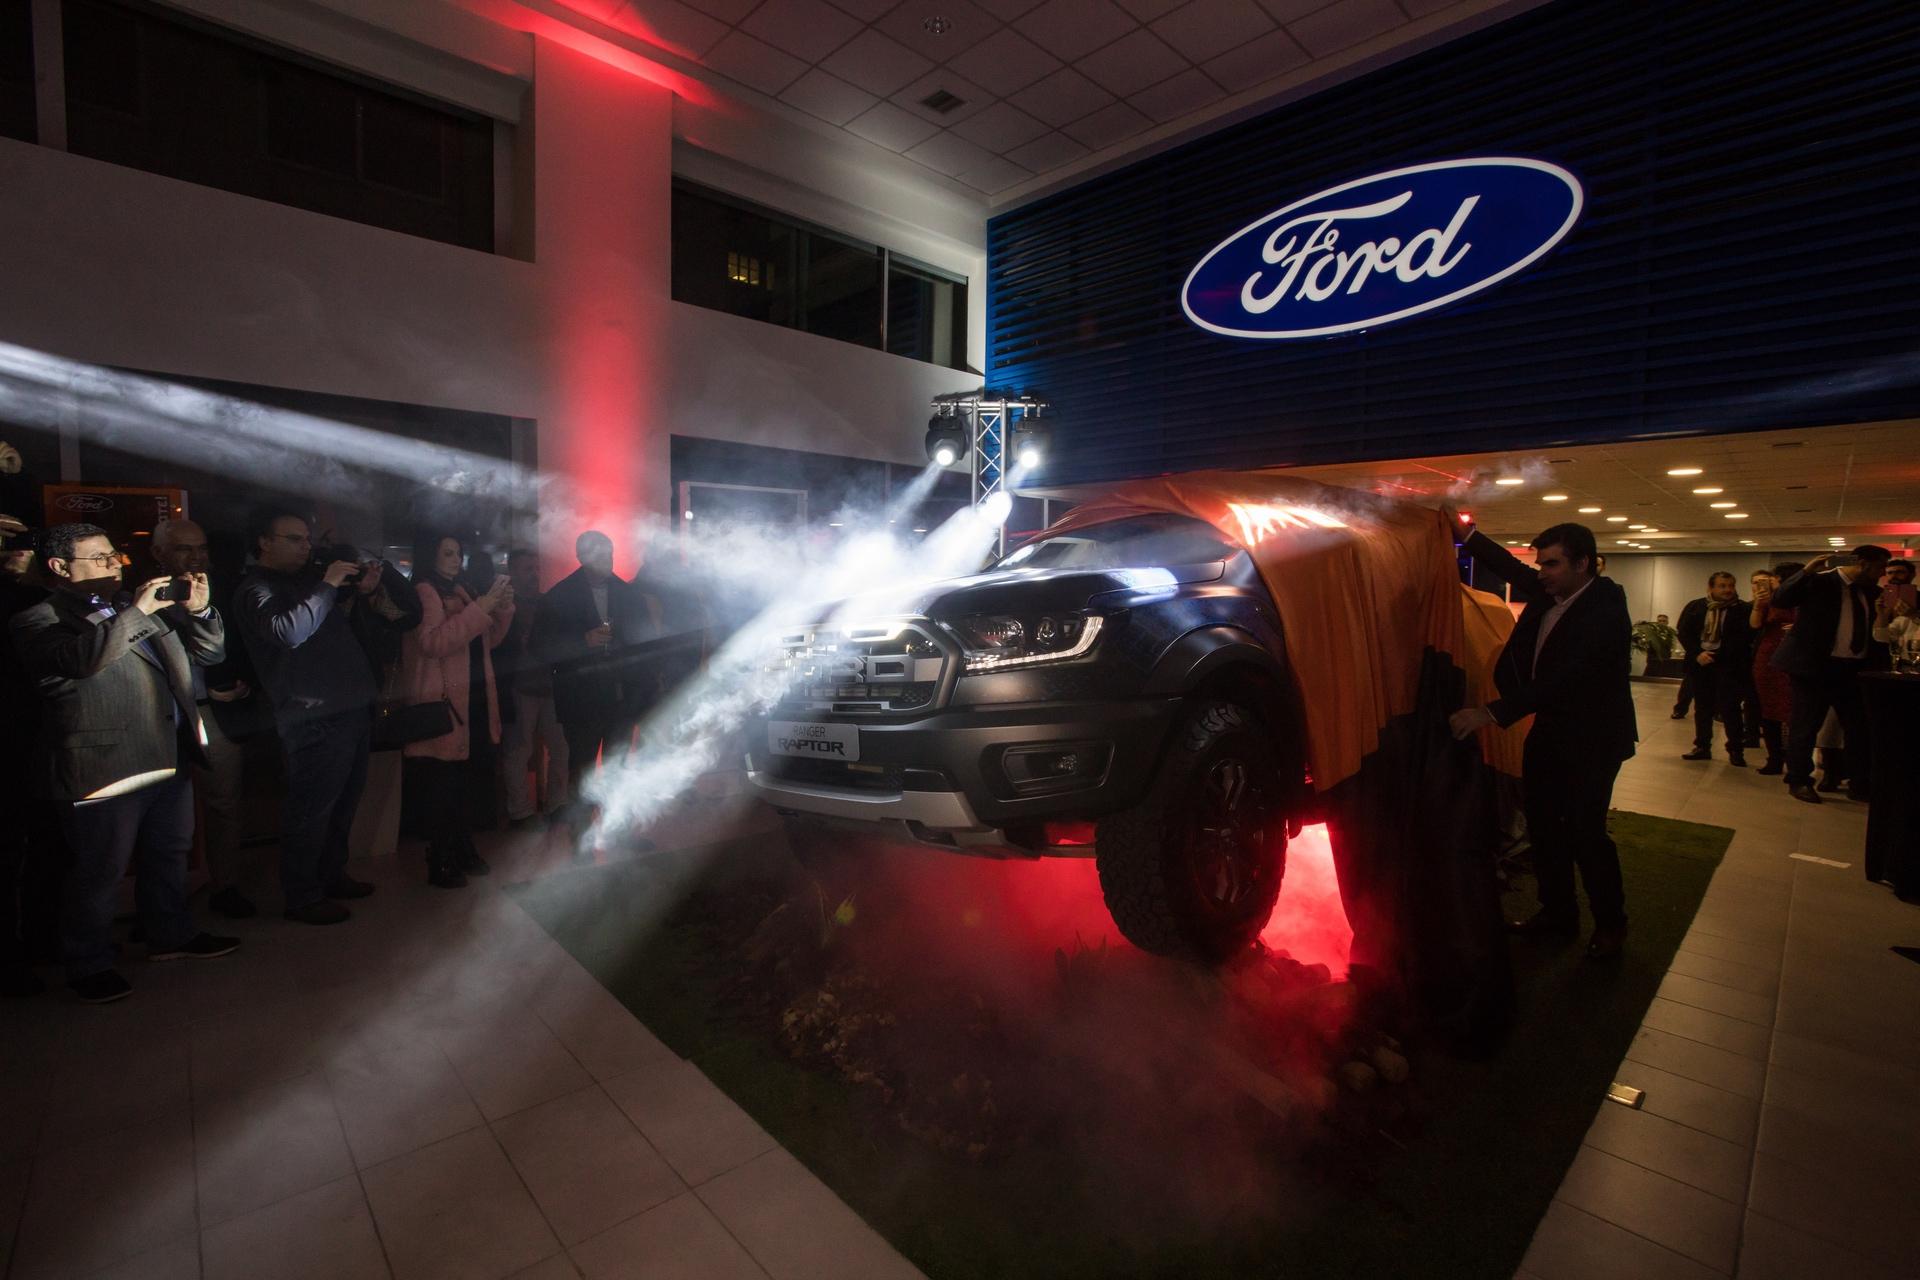 Ford_Ranger_Raptor_greek_resentation_0036